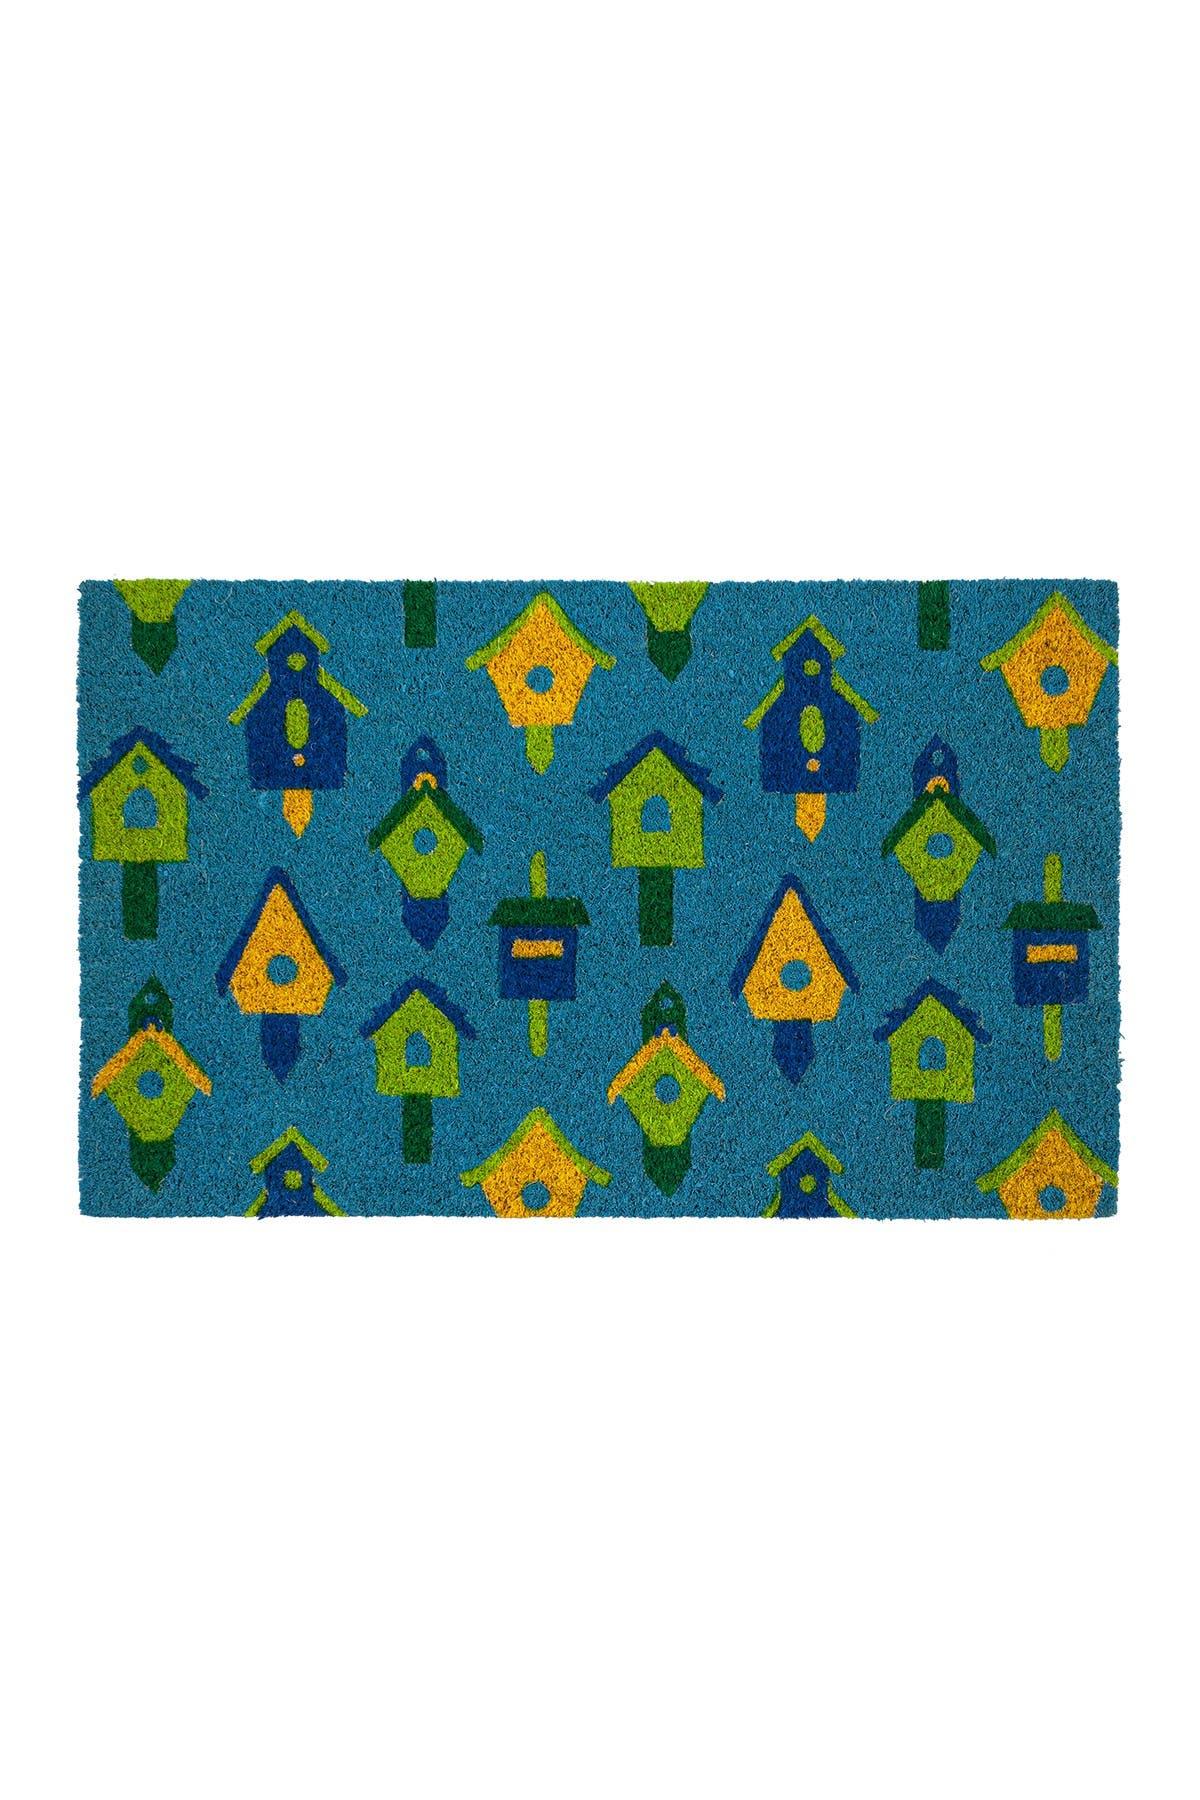 Image of ENTRYWAYS Birdhouses Coir Doormat